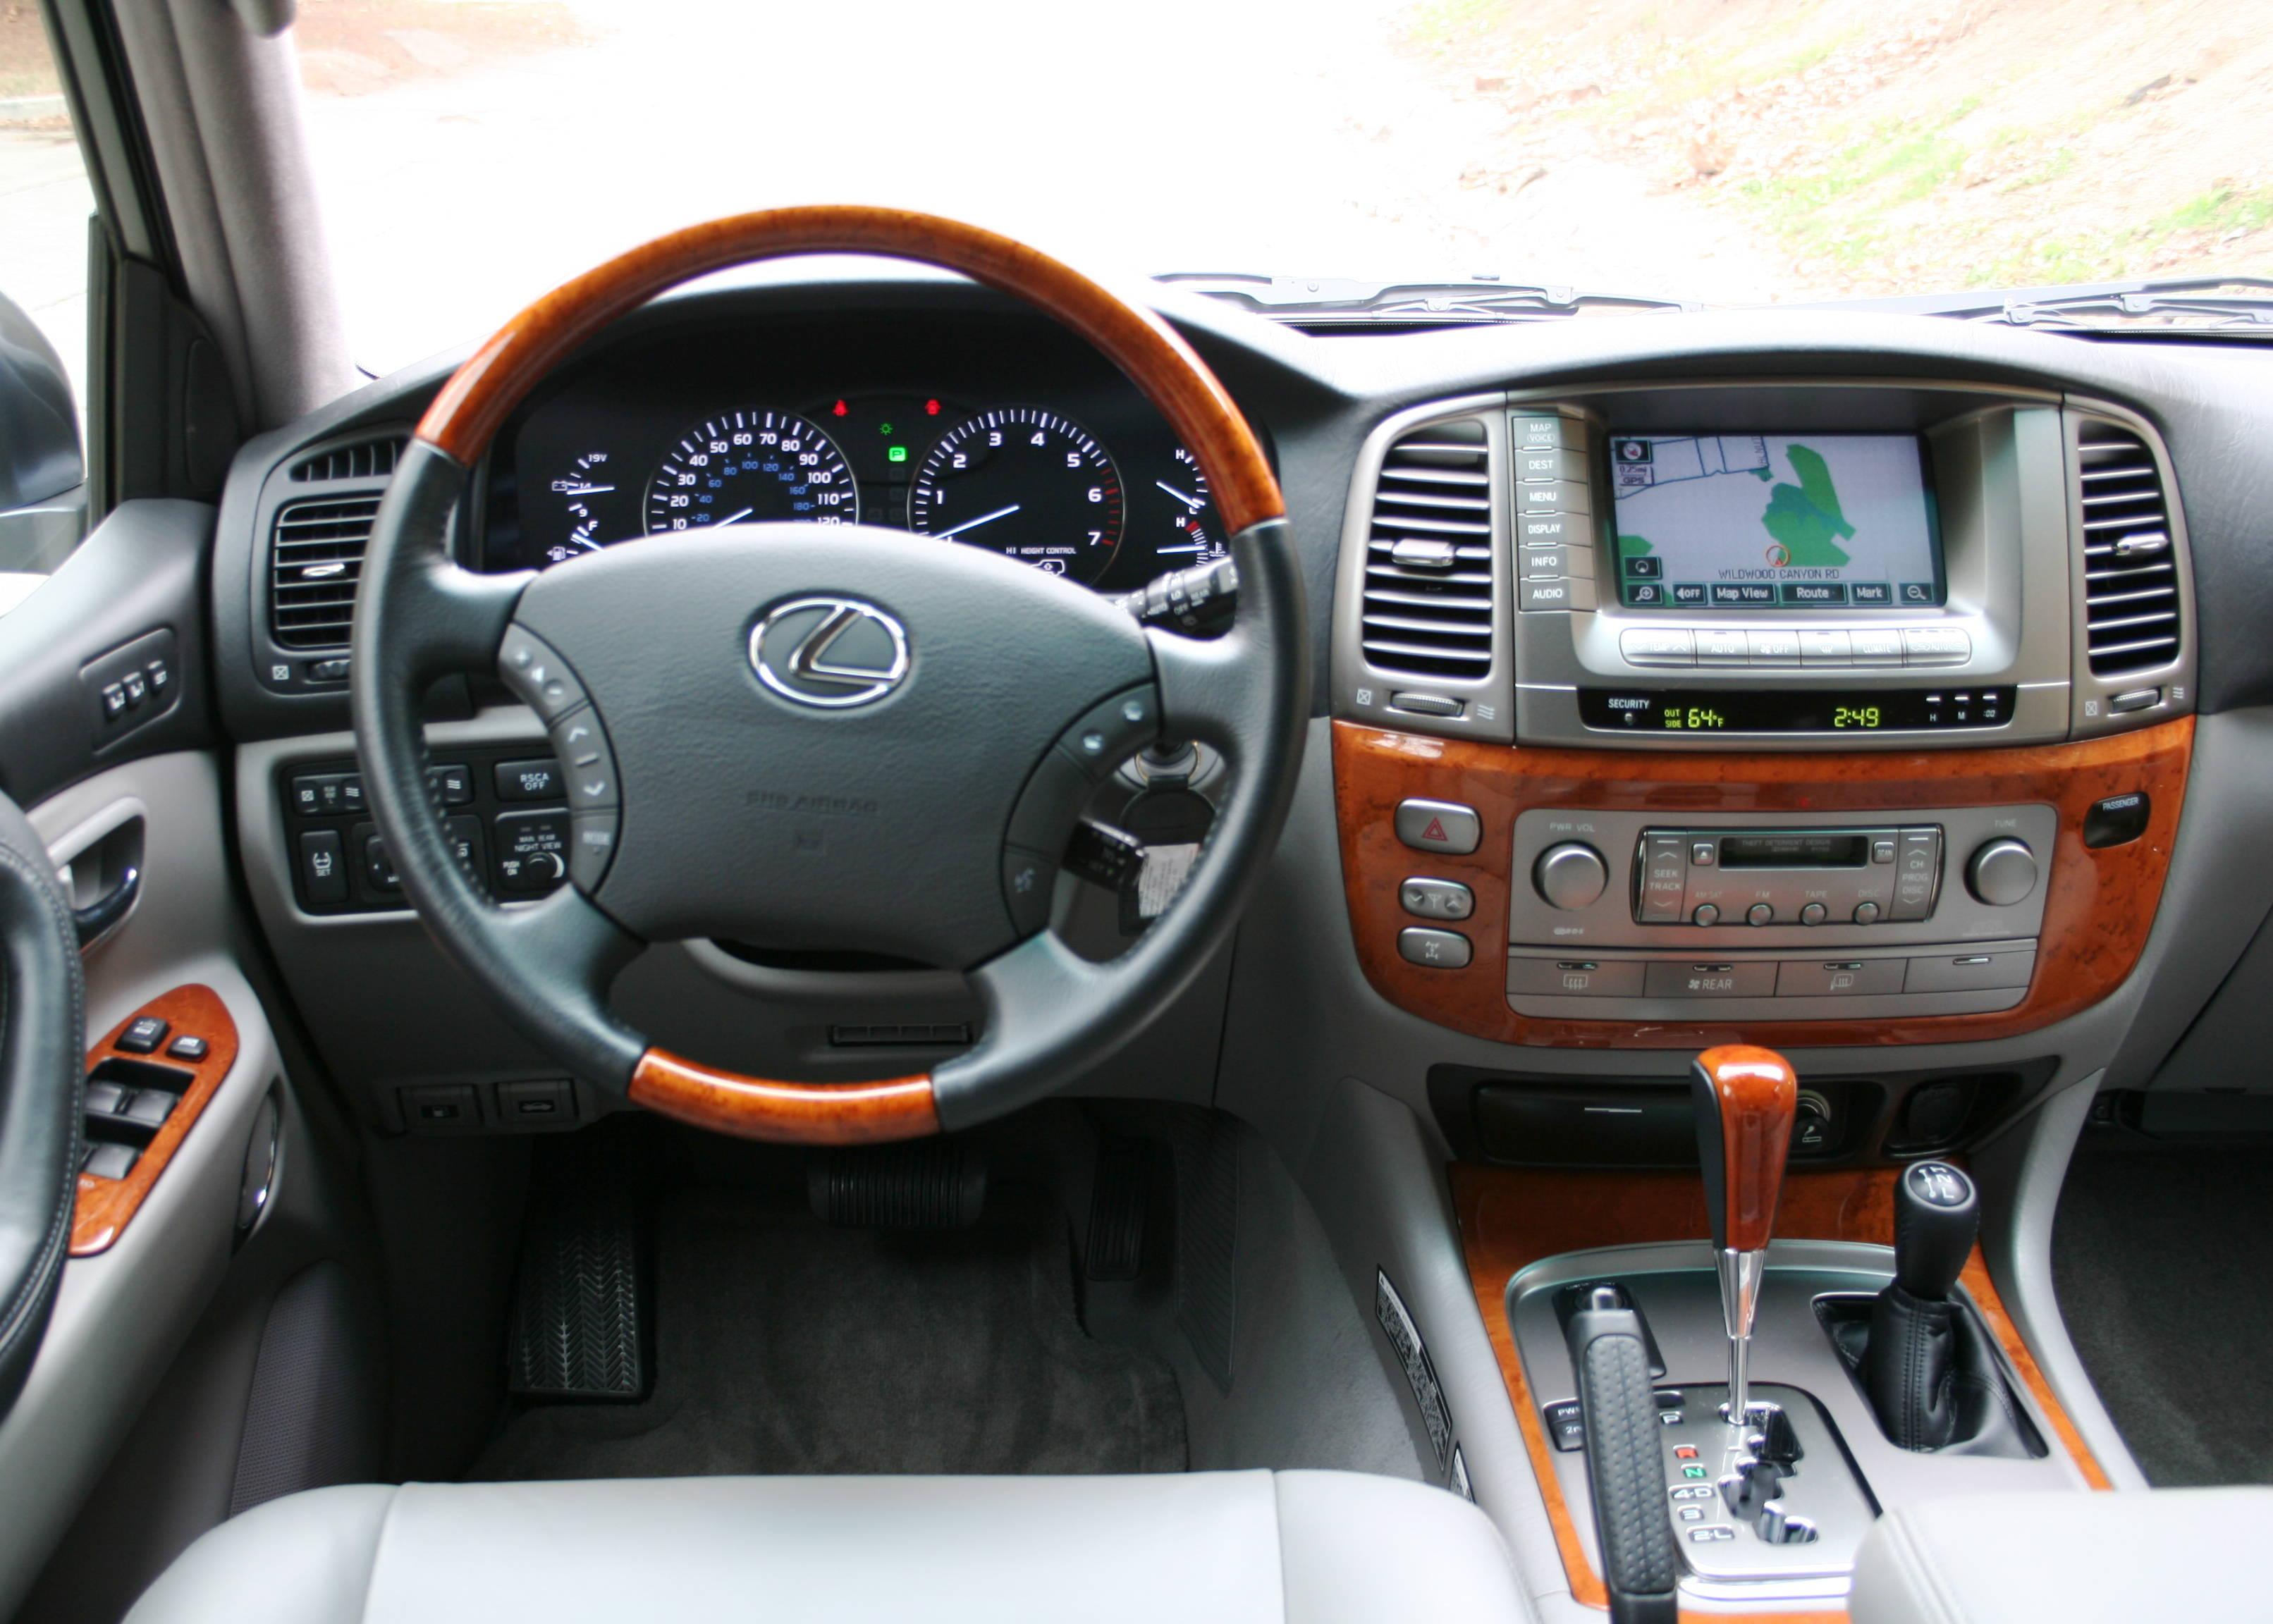 2005 lexus lx 470 18 lexus lx 470 18